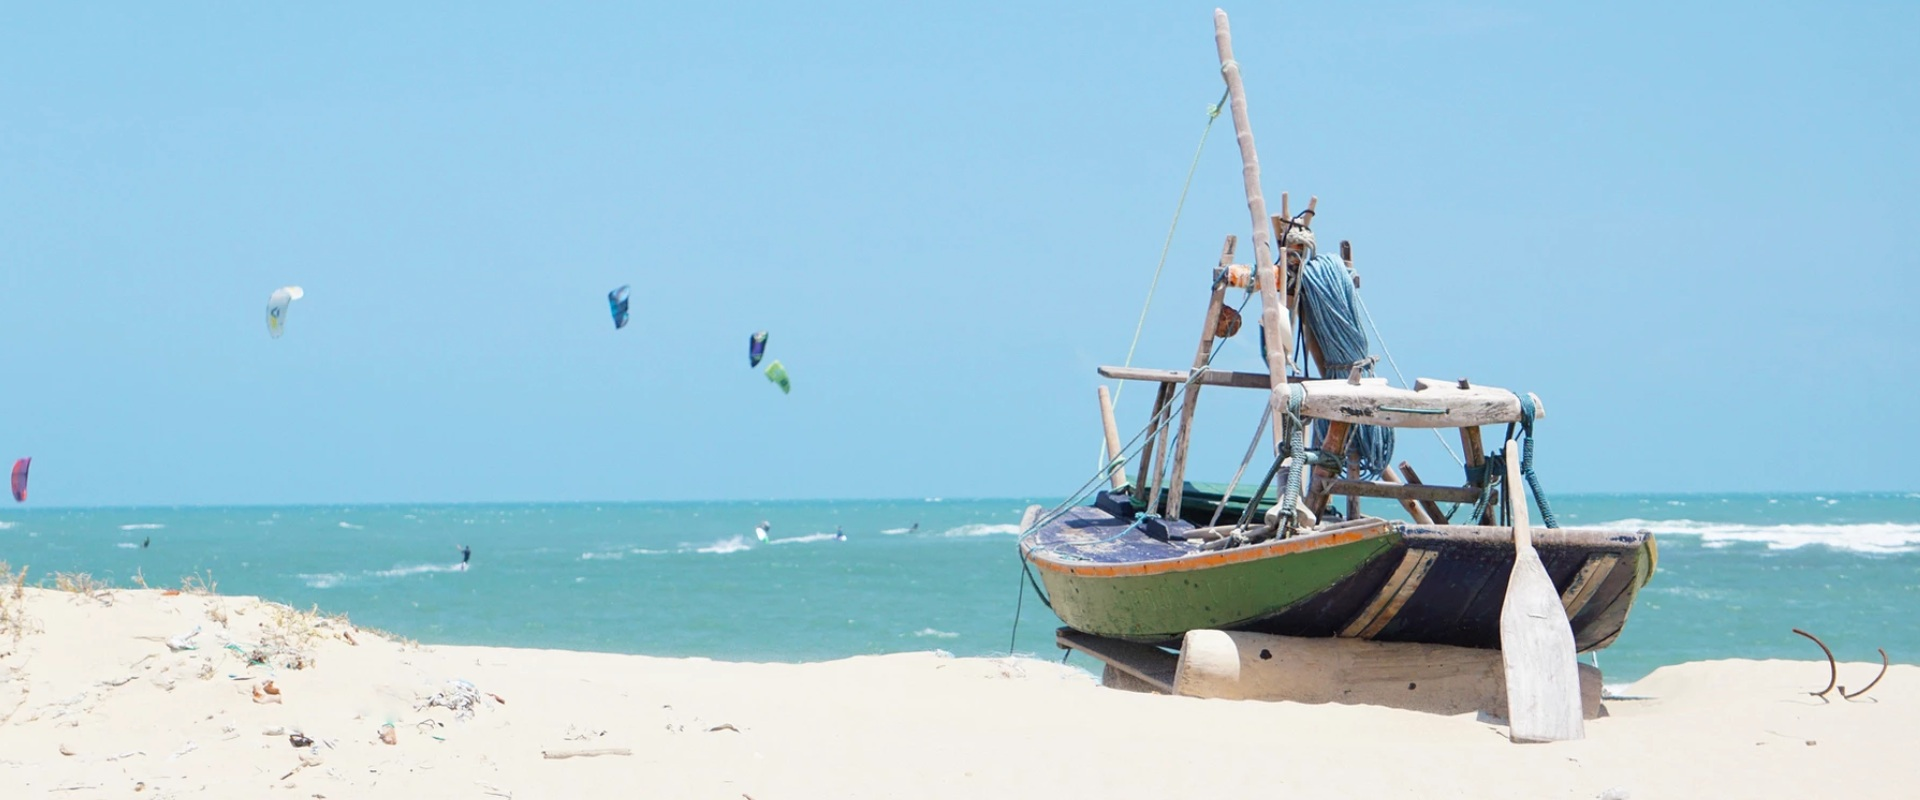 fishing boat at shore